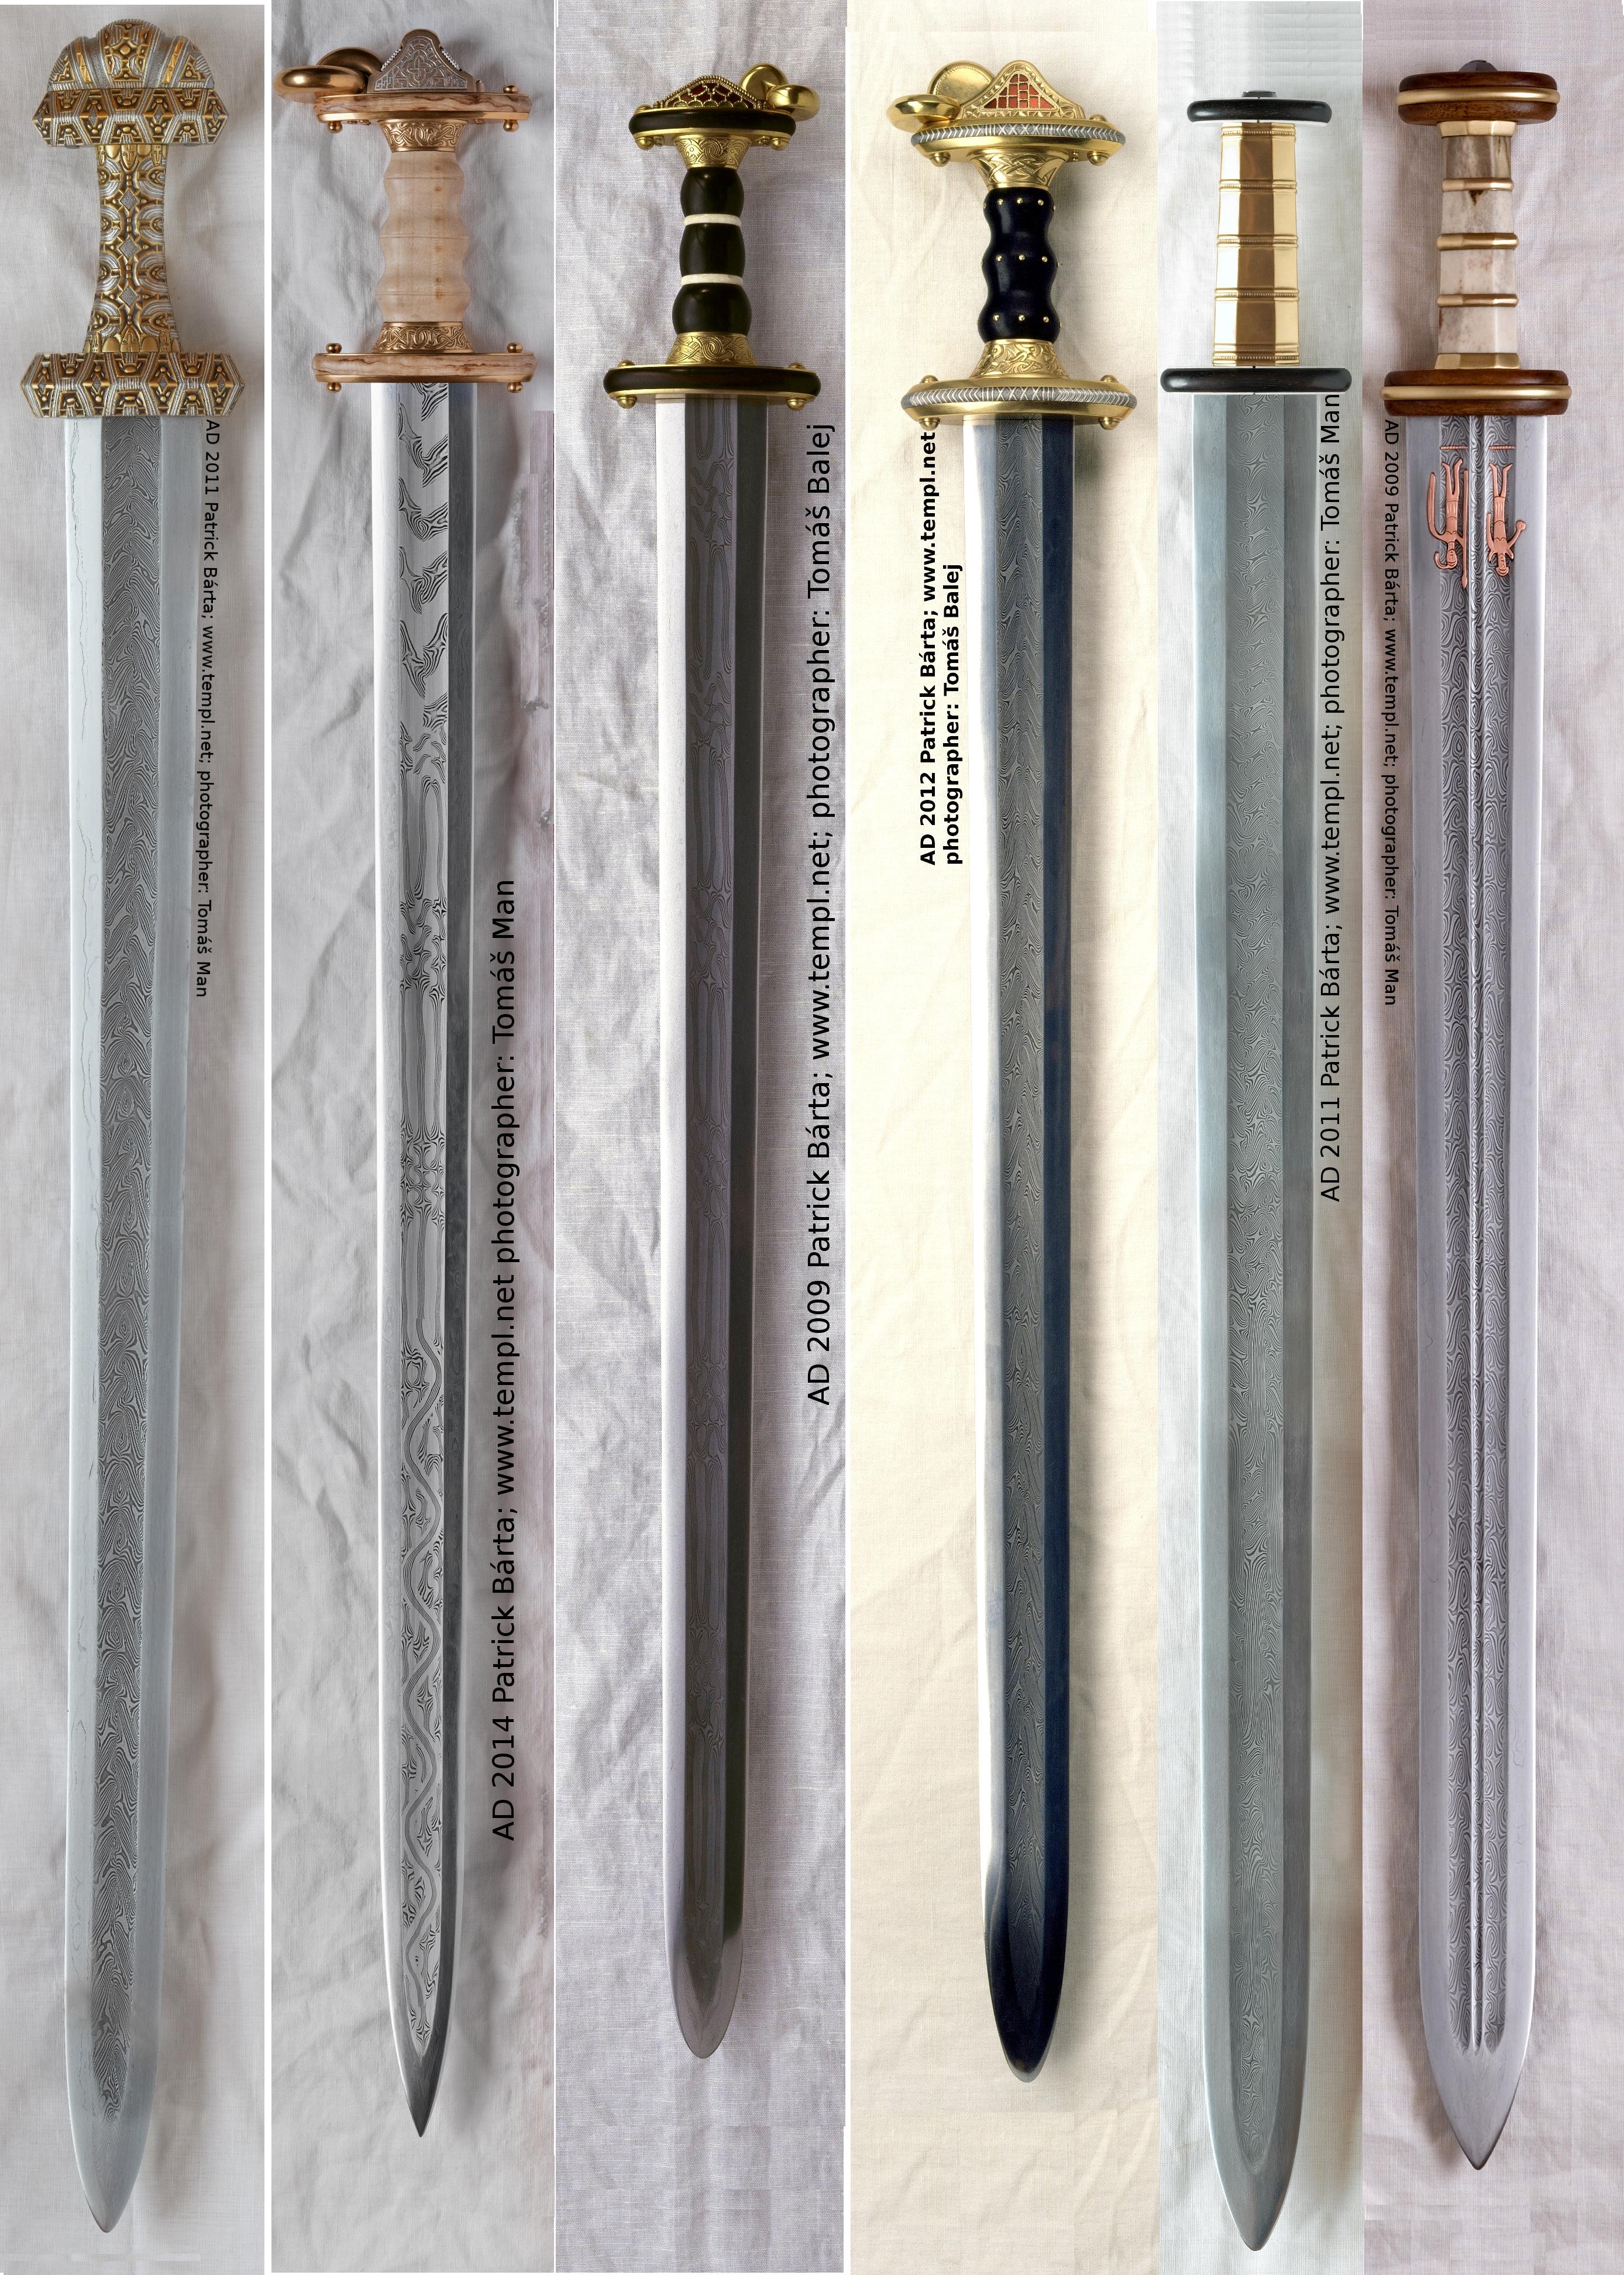 Pattern Welded Sword Cool Inspiration Ideas